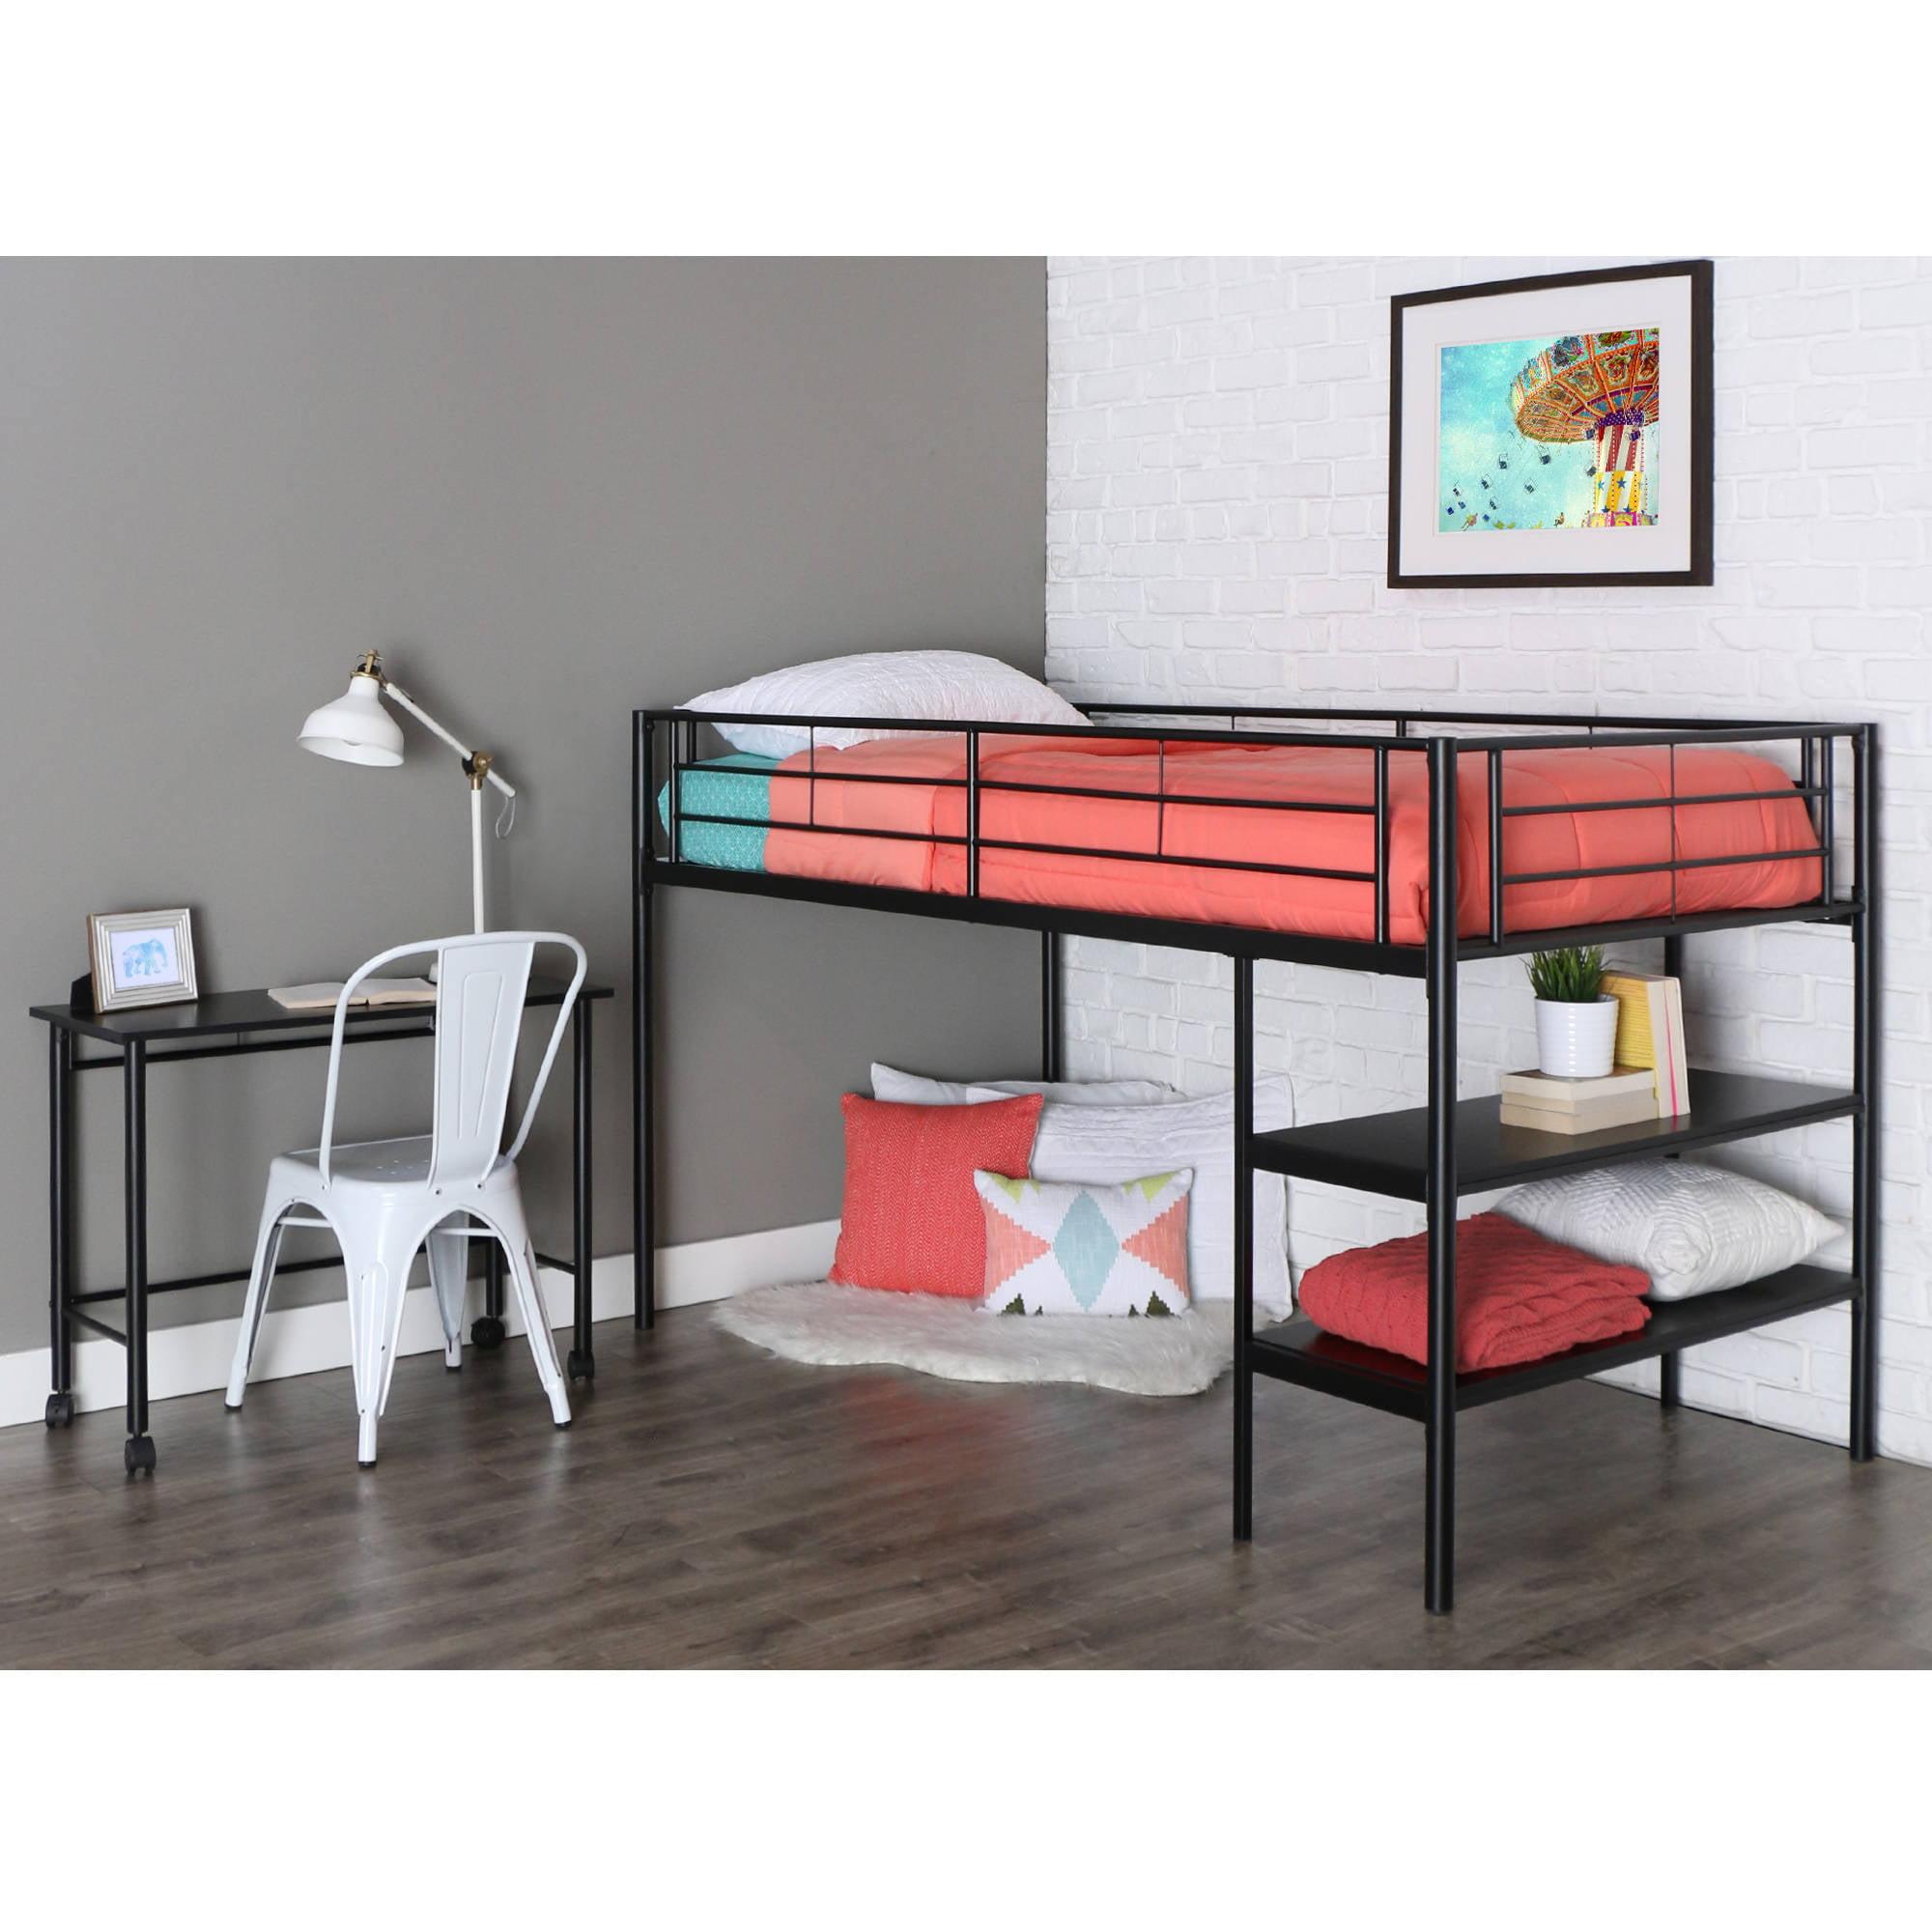 Abode Full Metal Loft Bed Over Workstation Desk Multiple